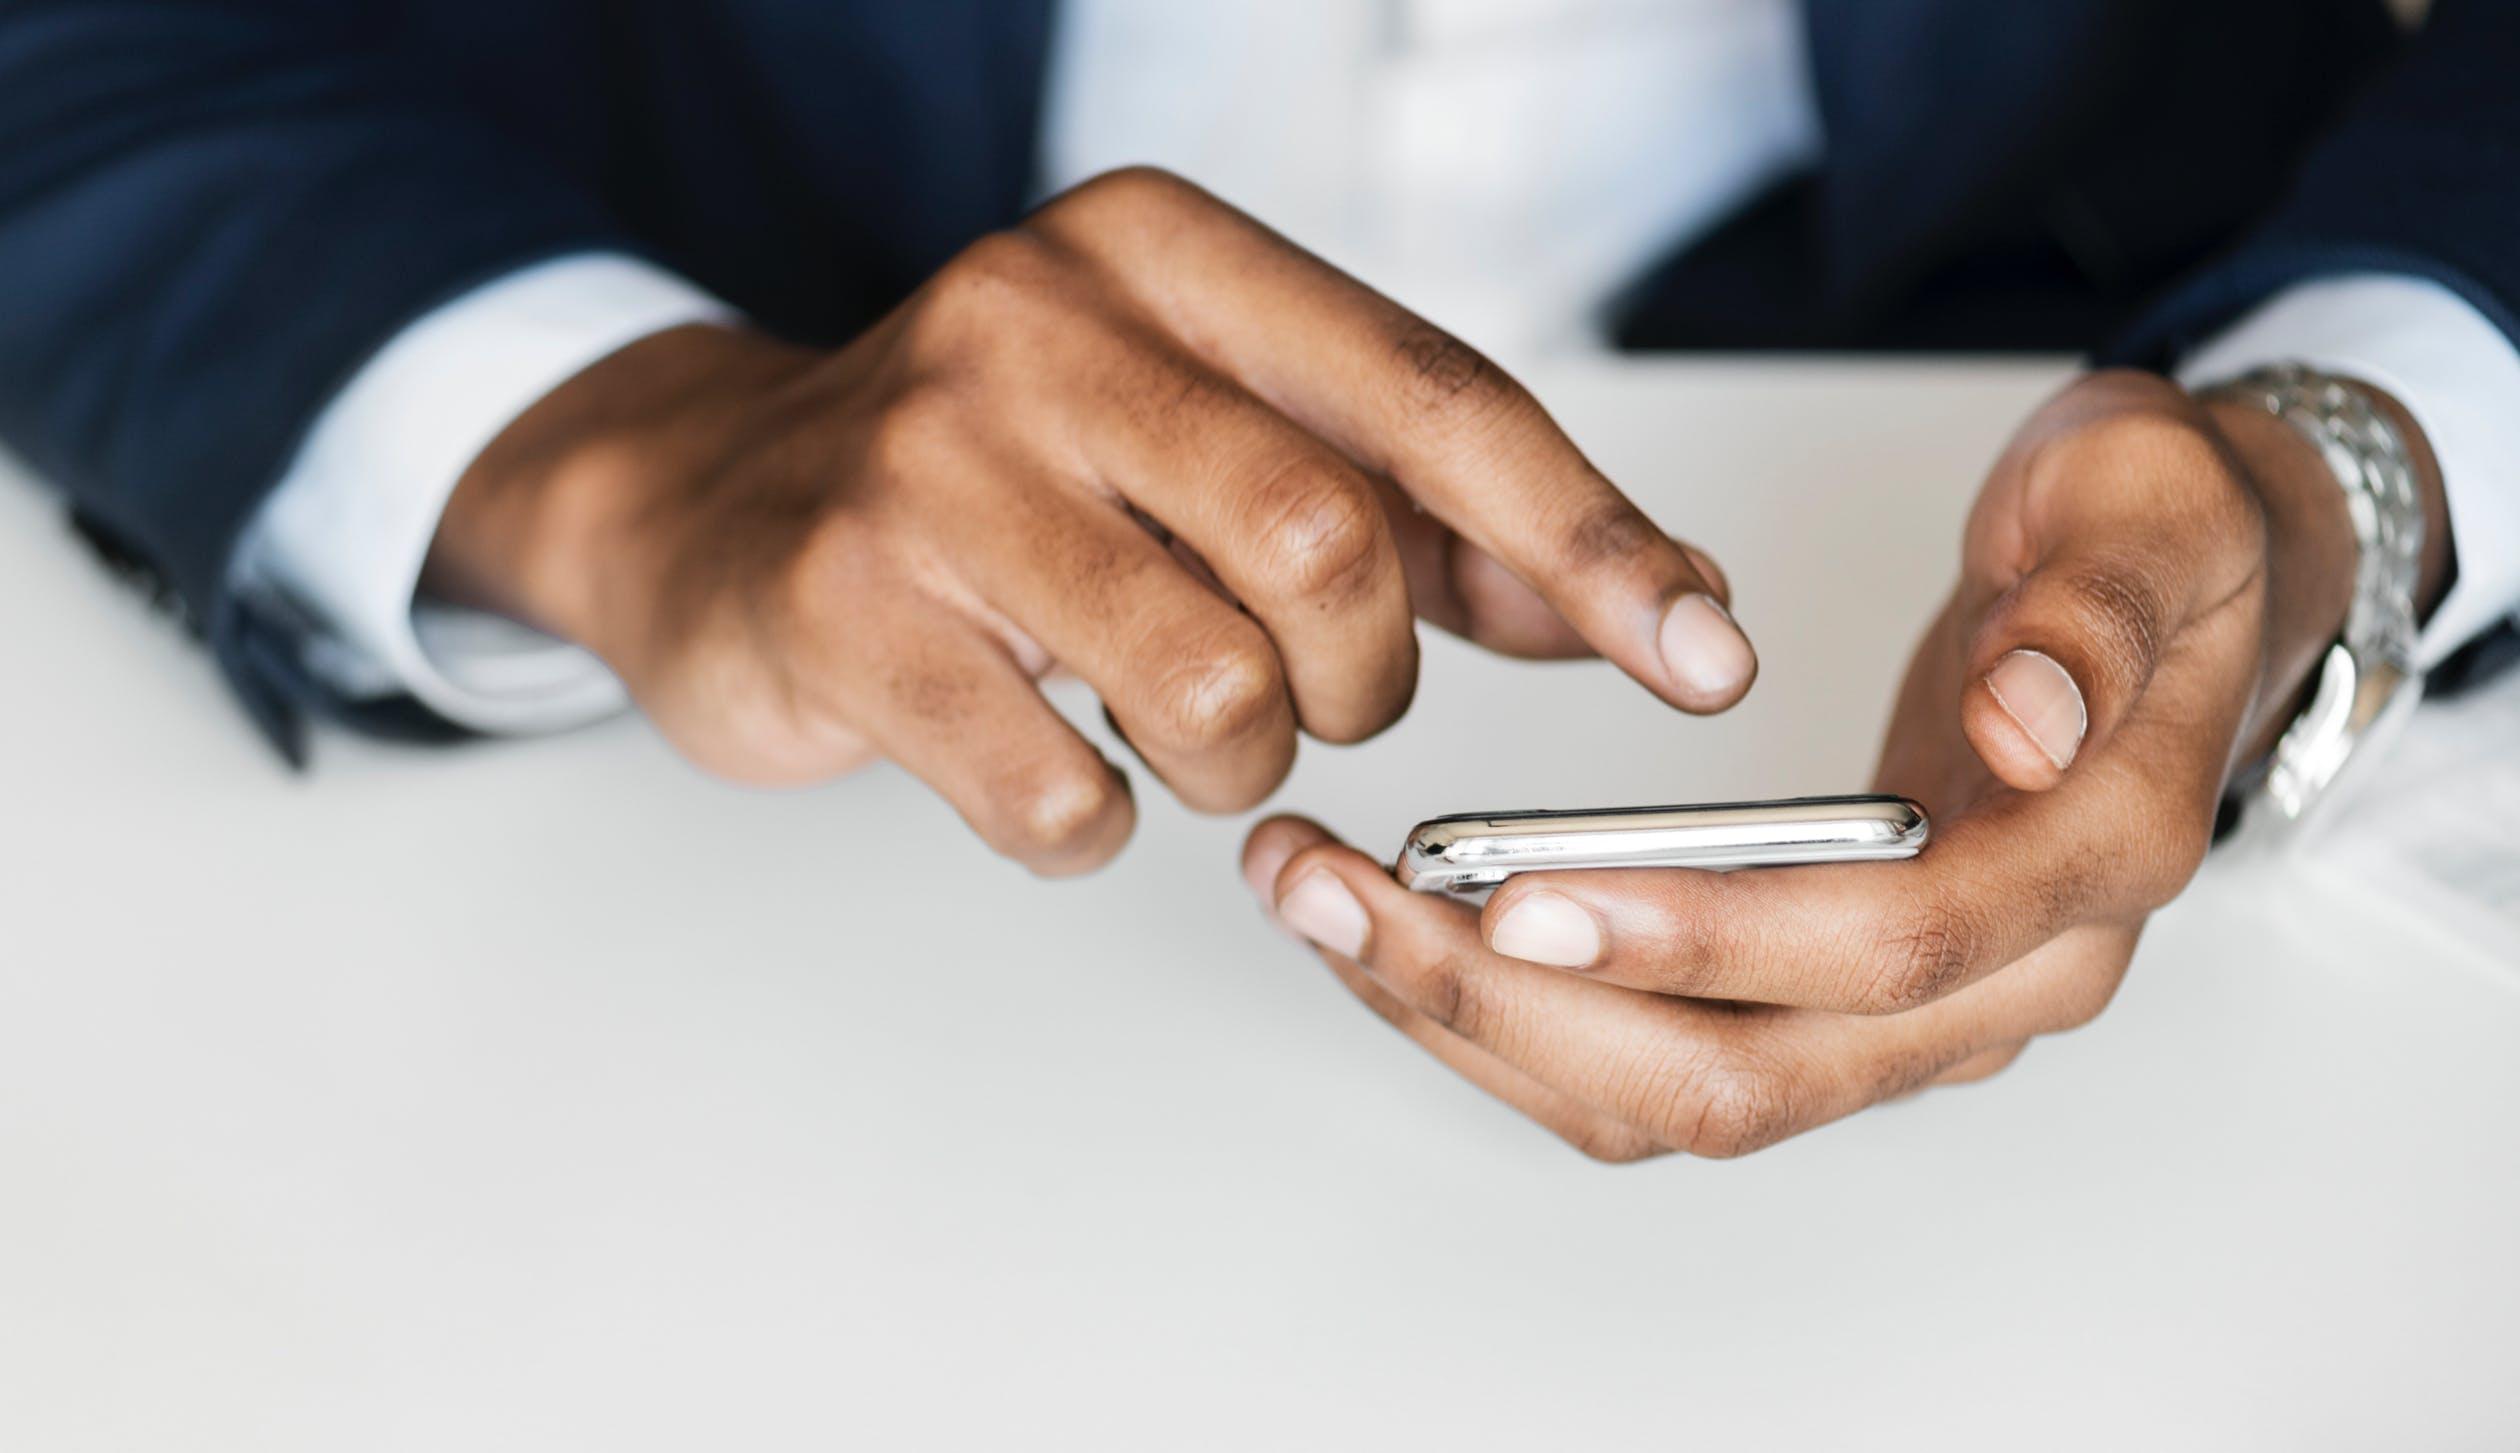 Смартфоны, которые мы сможем купить осенью 2018 - смартфон в руке